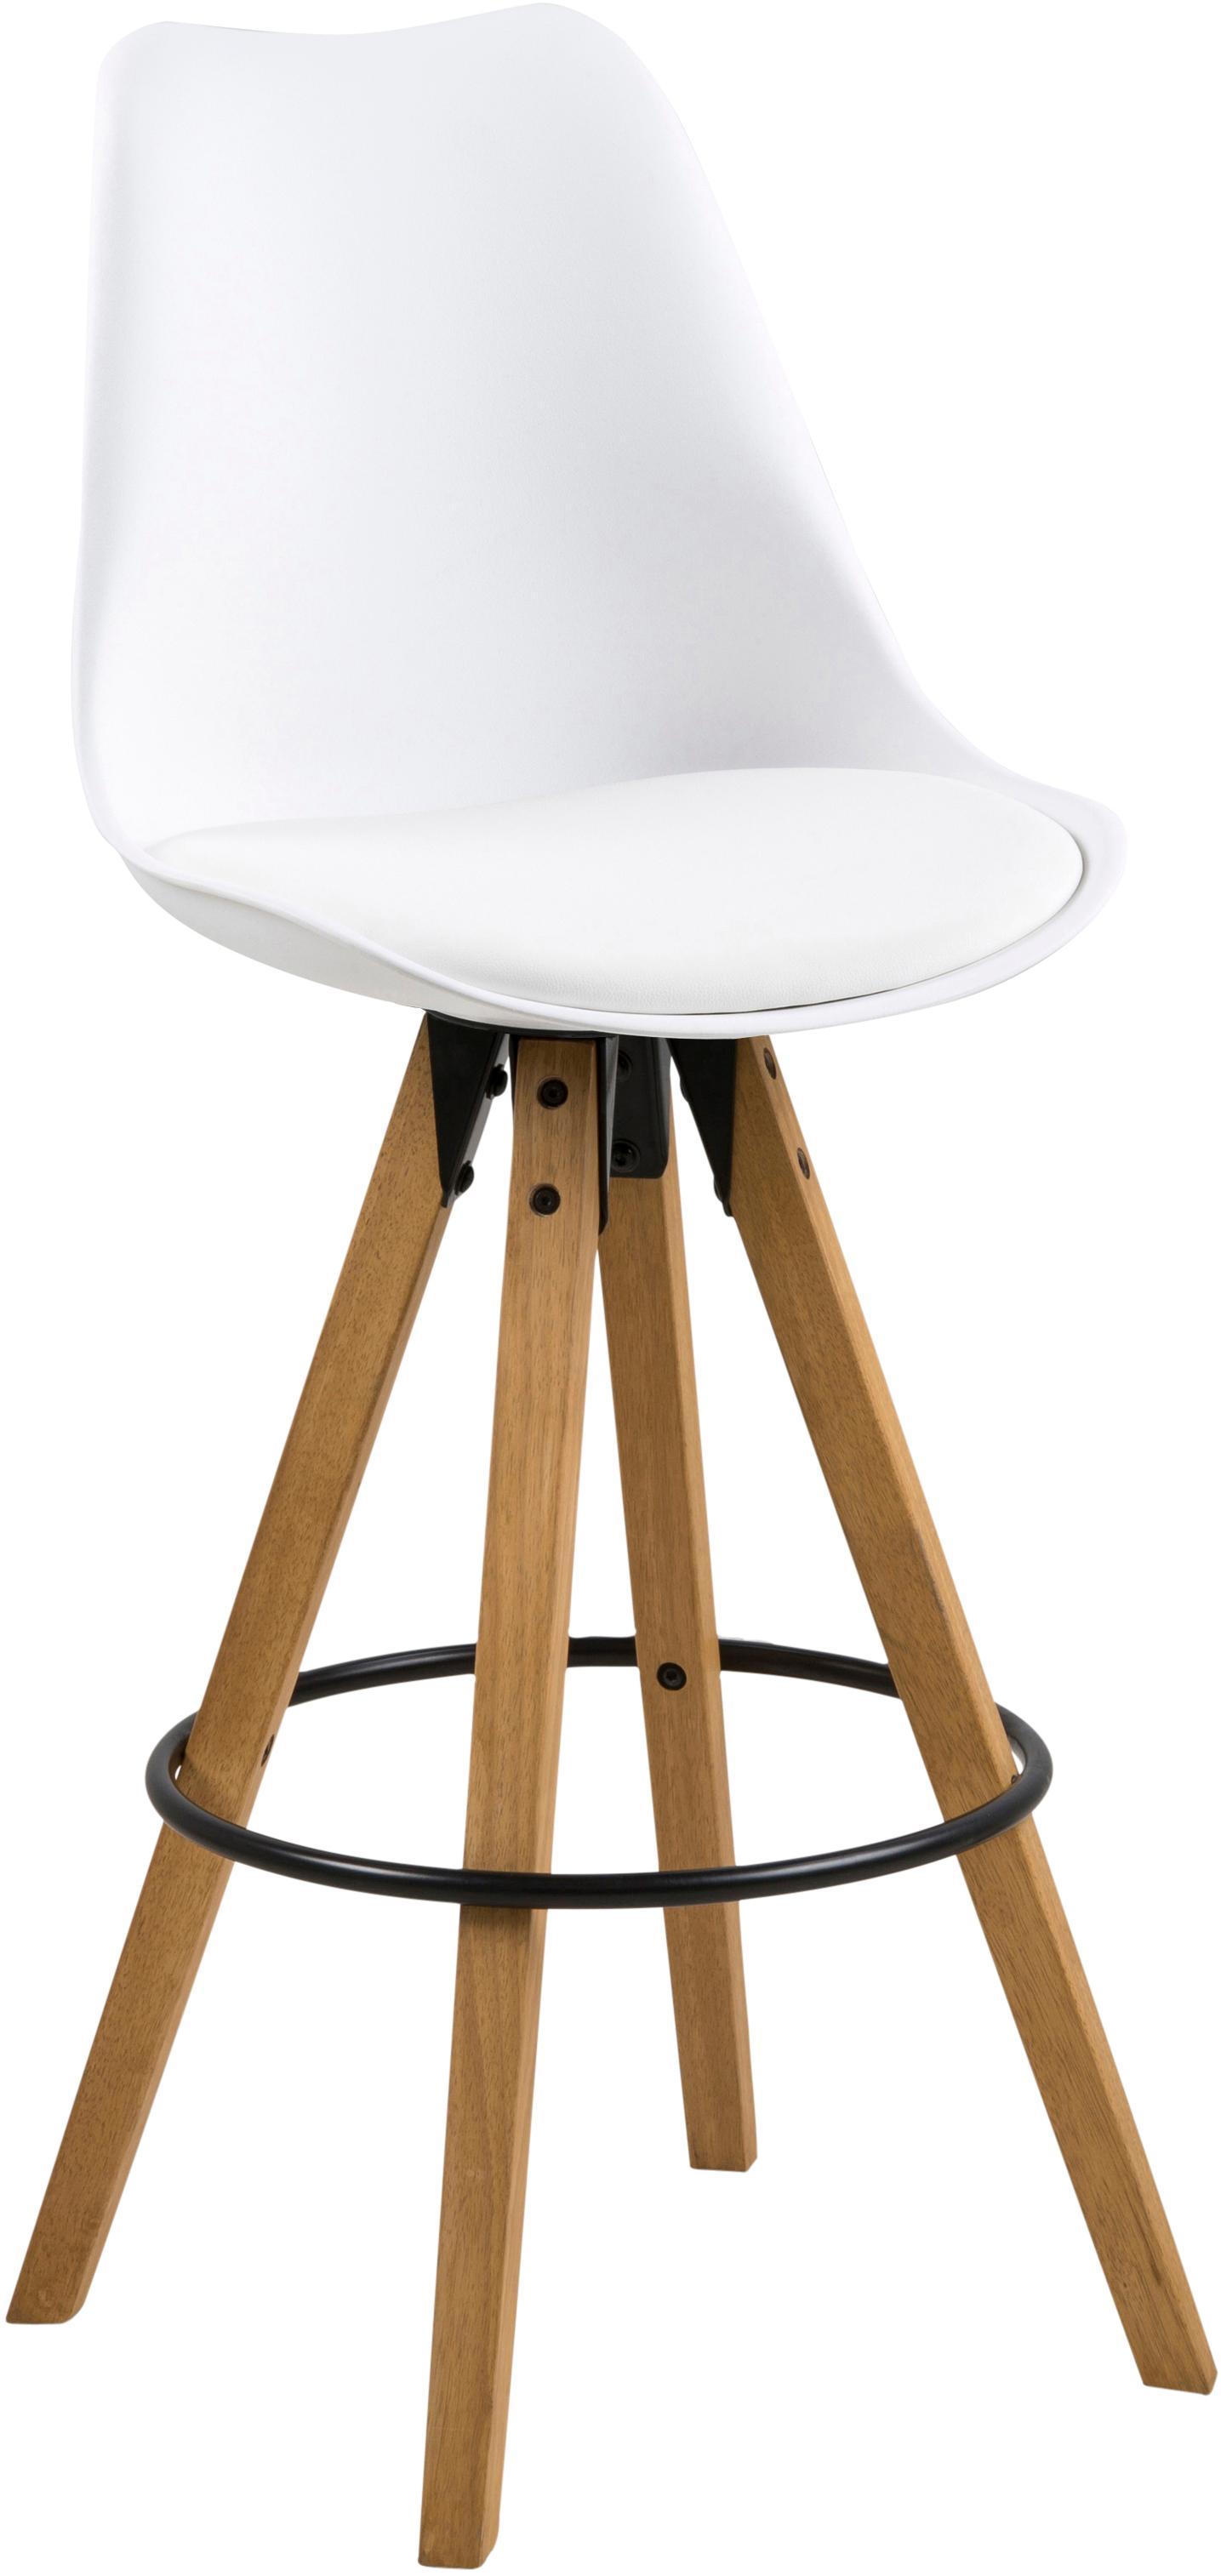 Krzesło barowe Dima, 2 szt., Tapicerka: poliester, Nogi: drewno kauczukowe, olejow, Siedzisko: biały Nogi: drewno kauczukowe Podnóżek: czarny, 49 x 112 cm